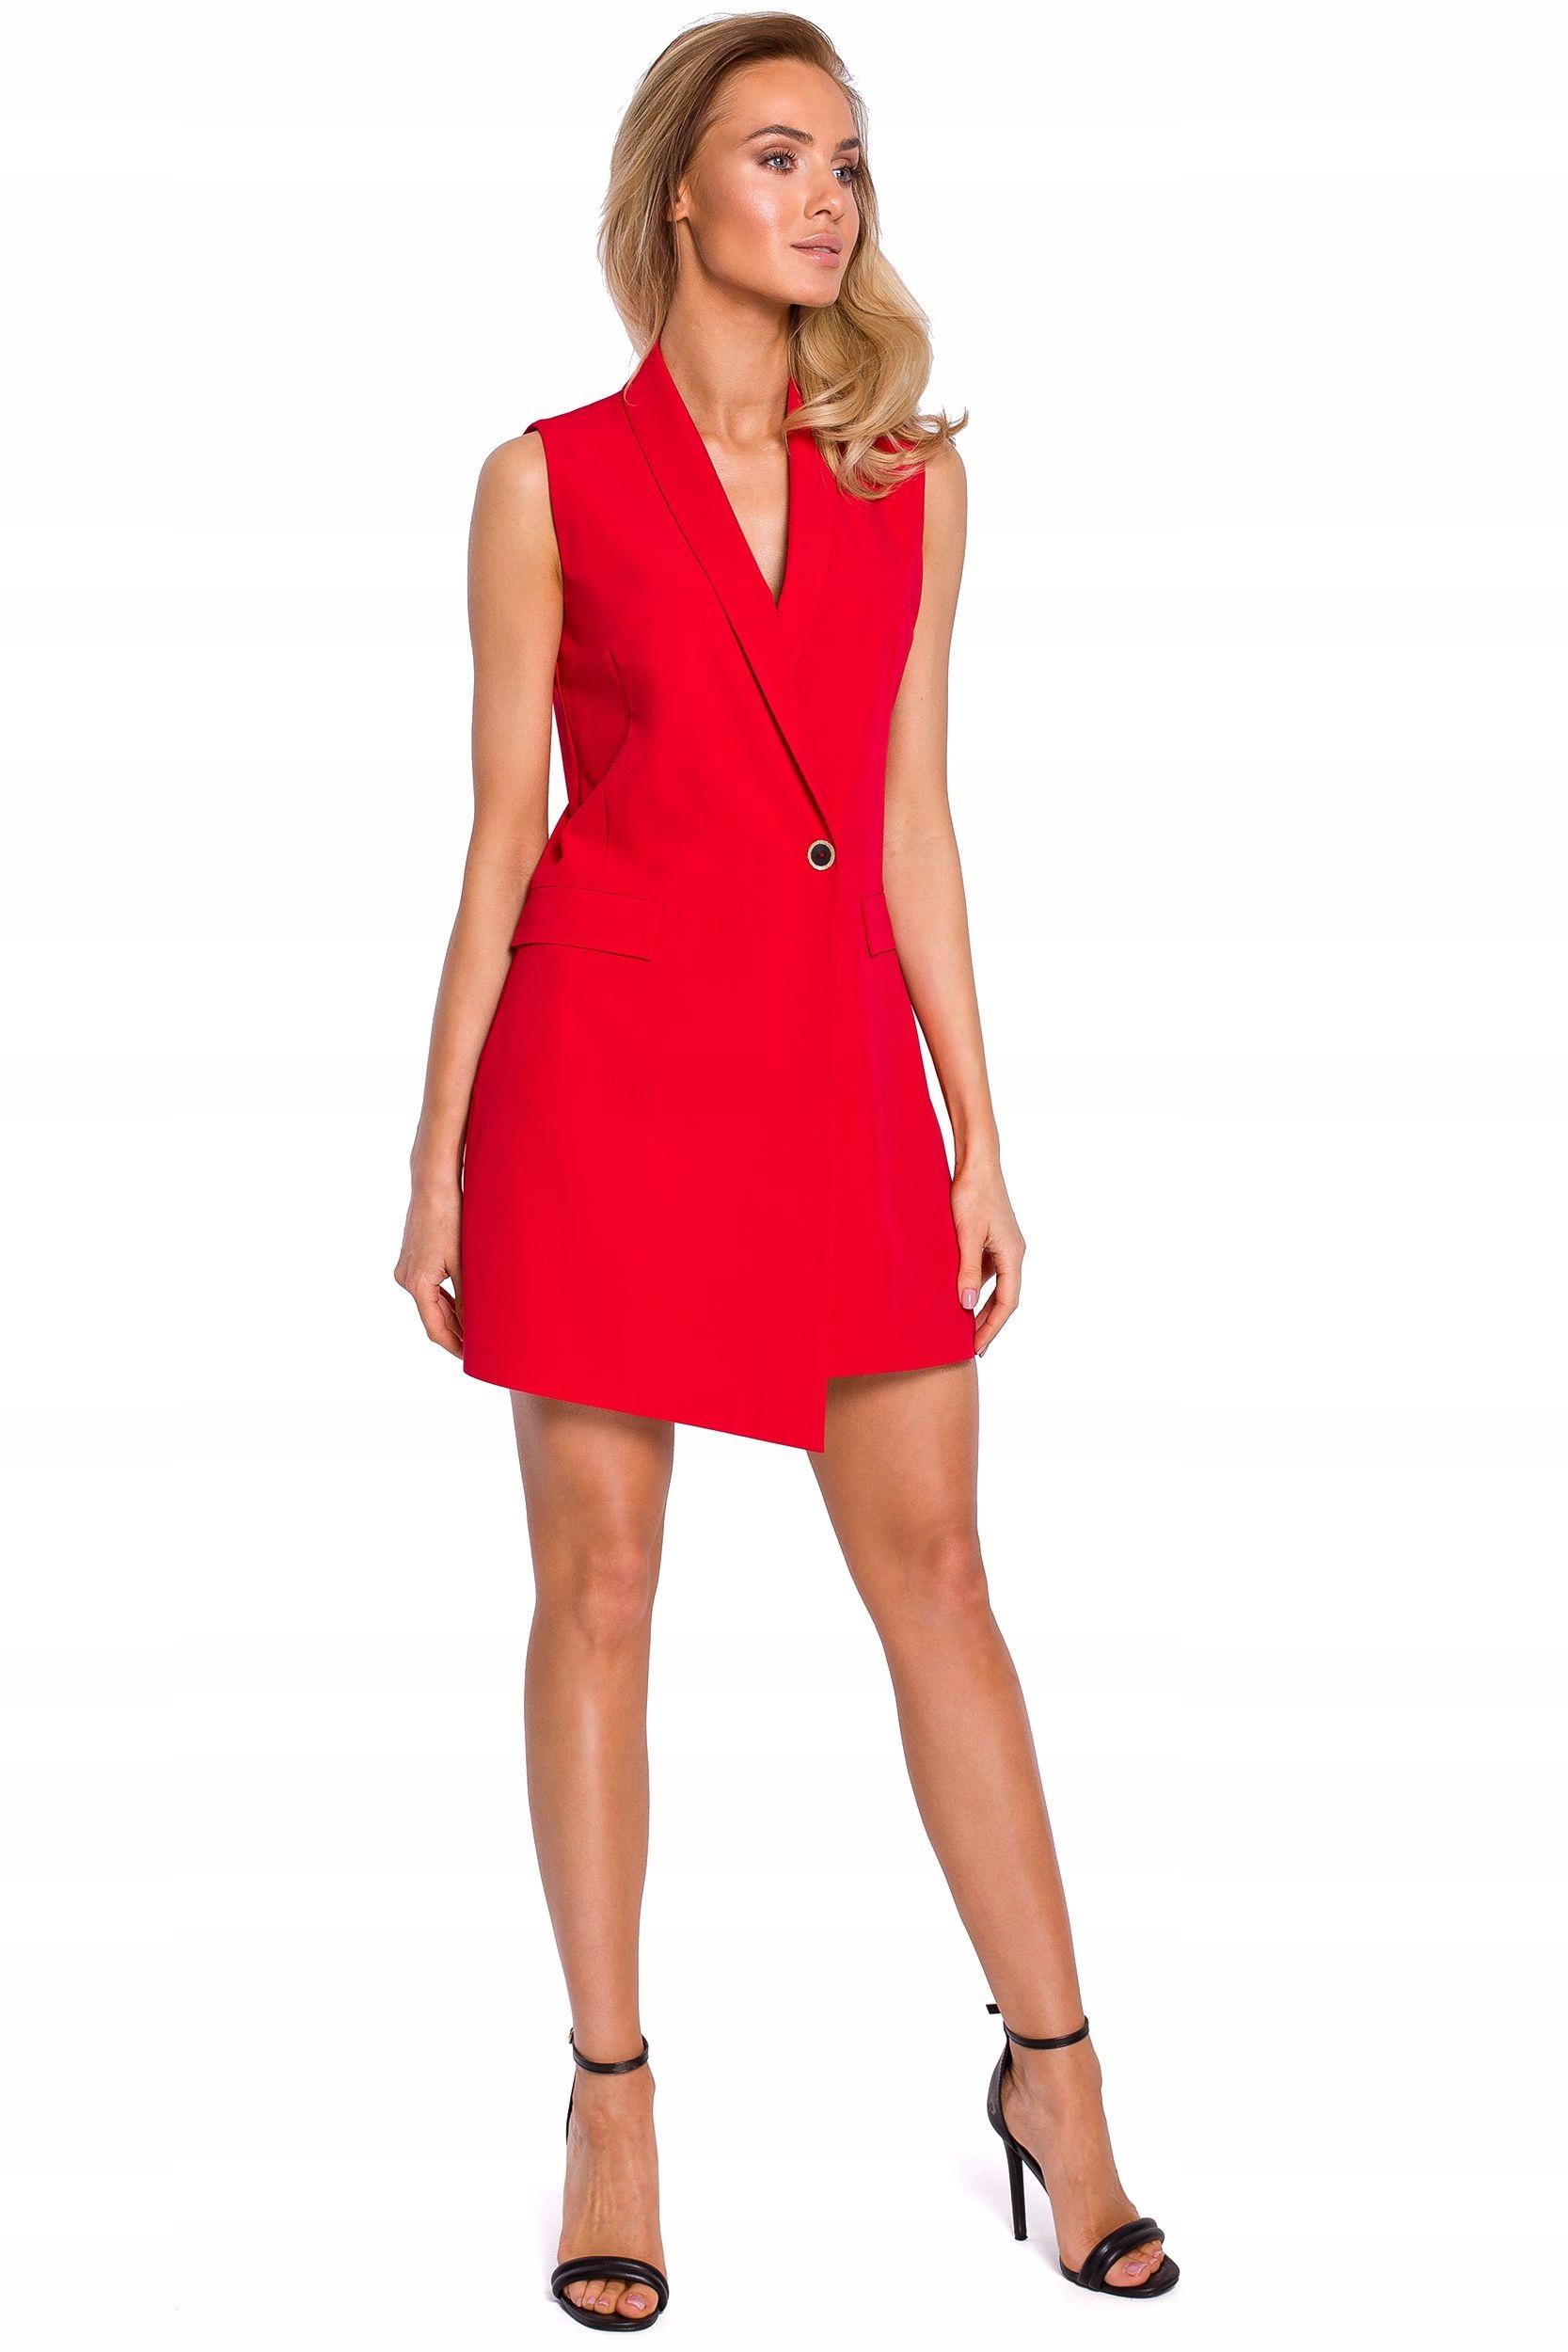 M439 Sukienka żakietowa bez rękawów - czerwona 40